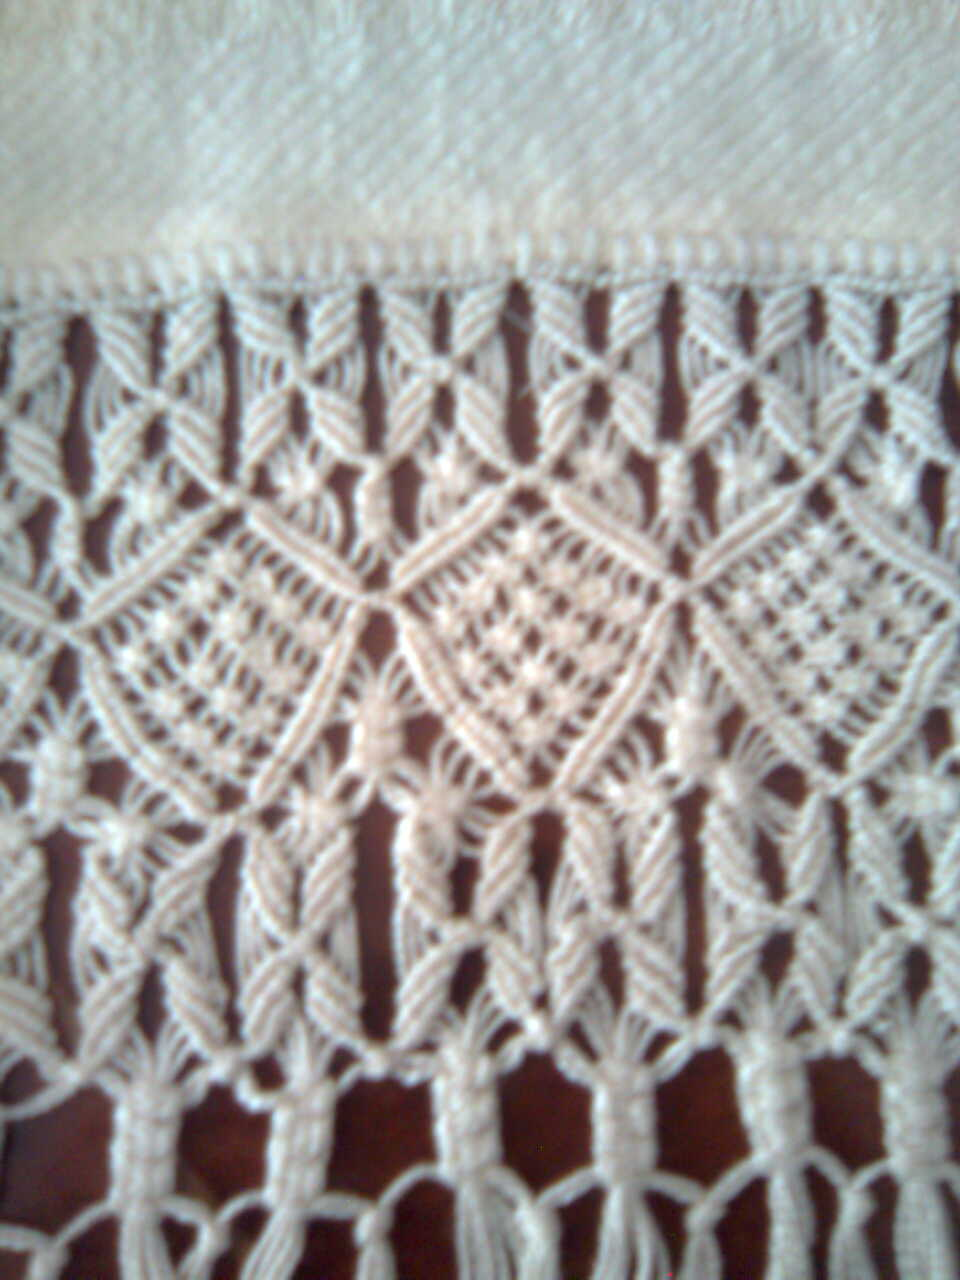 De macrame esta toalla esta echa de algodon con nudos de macrame para